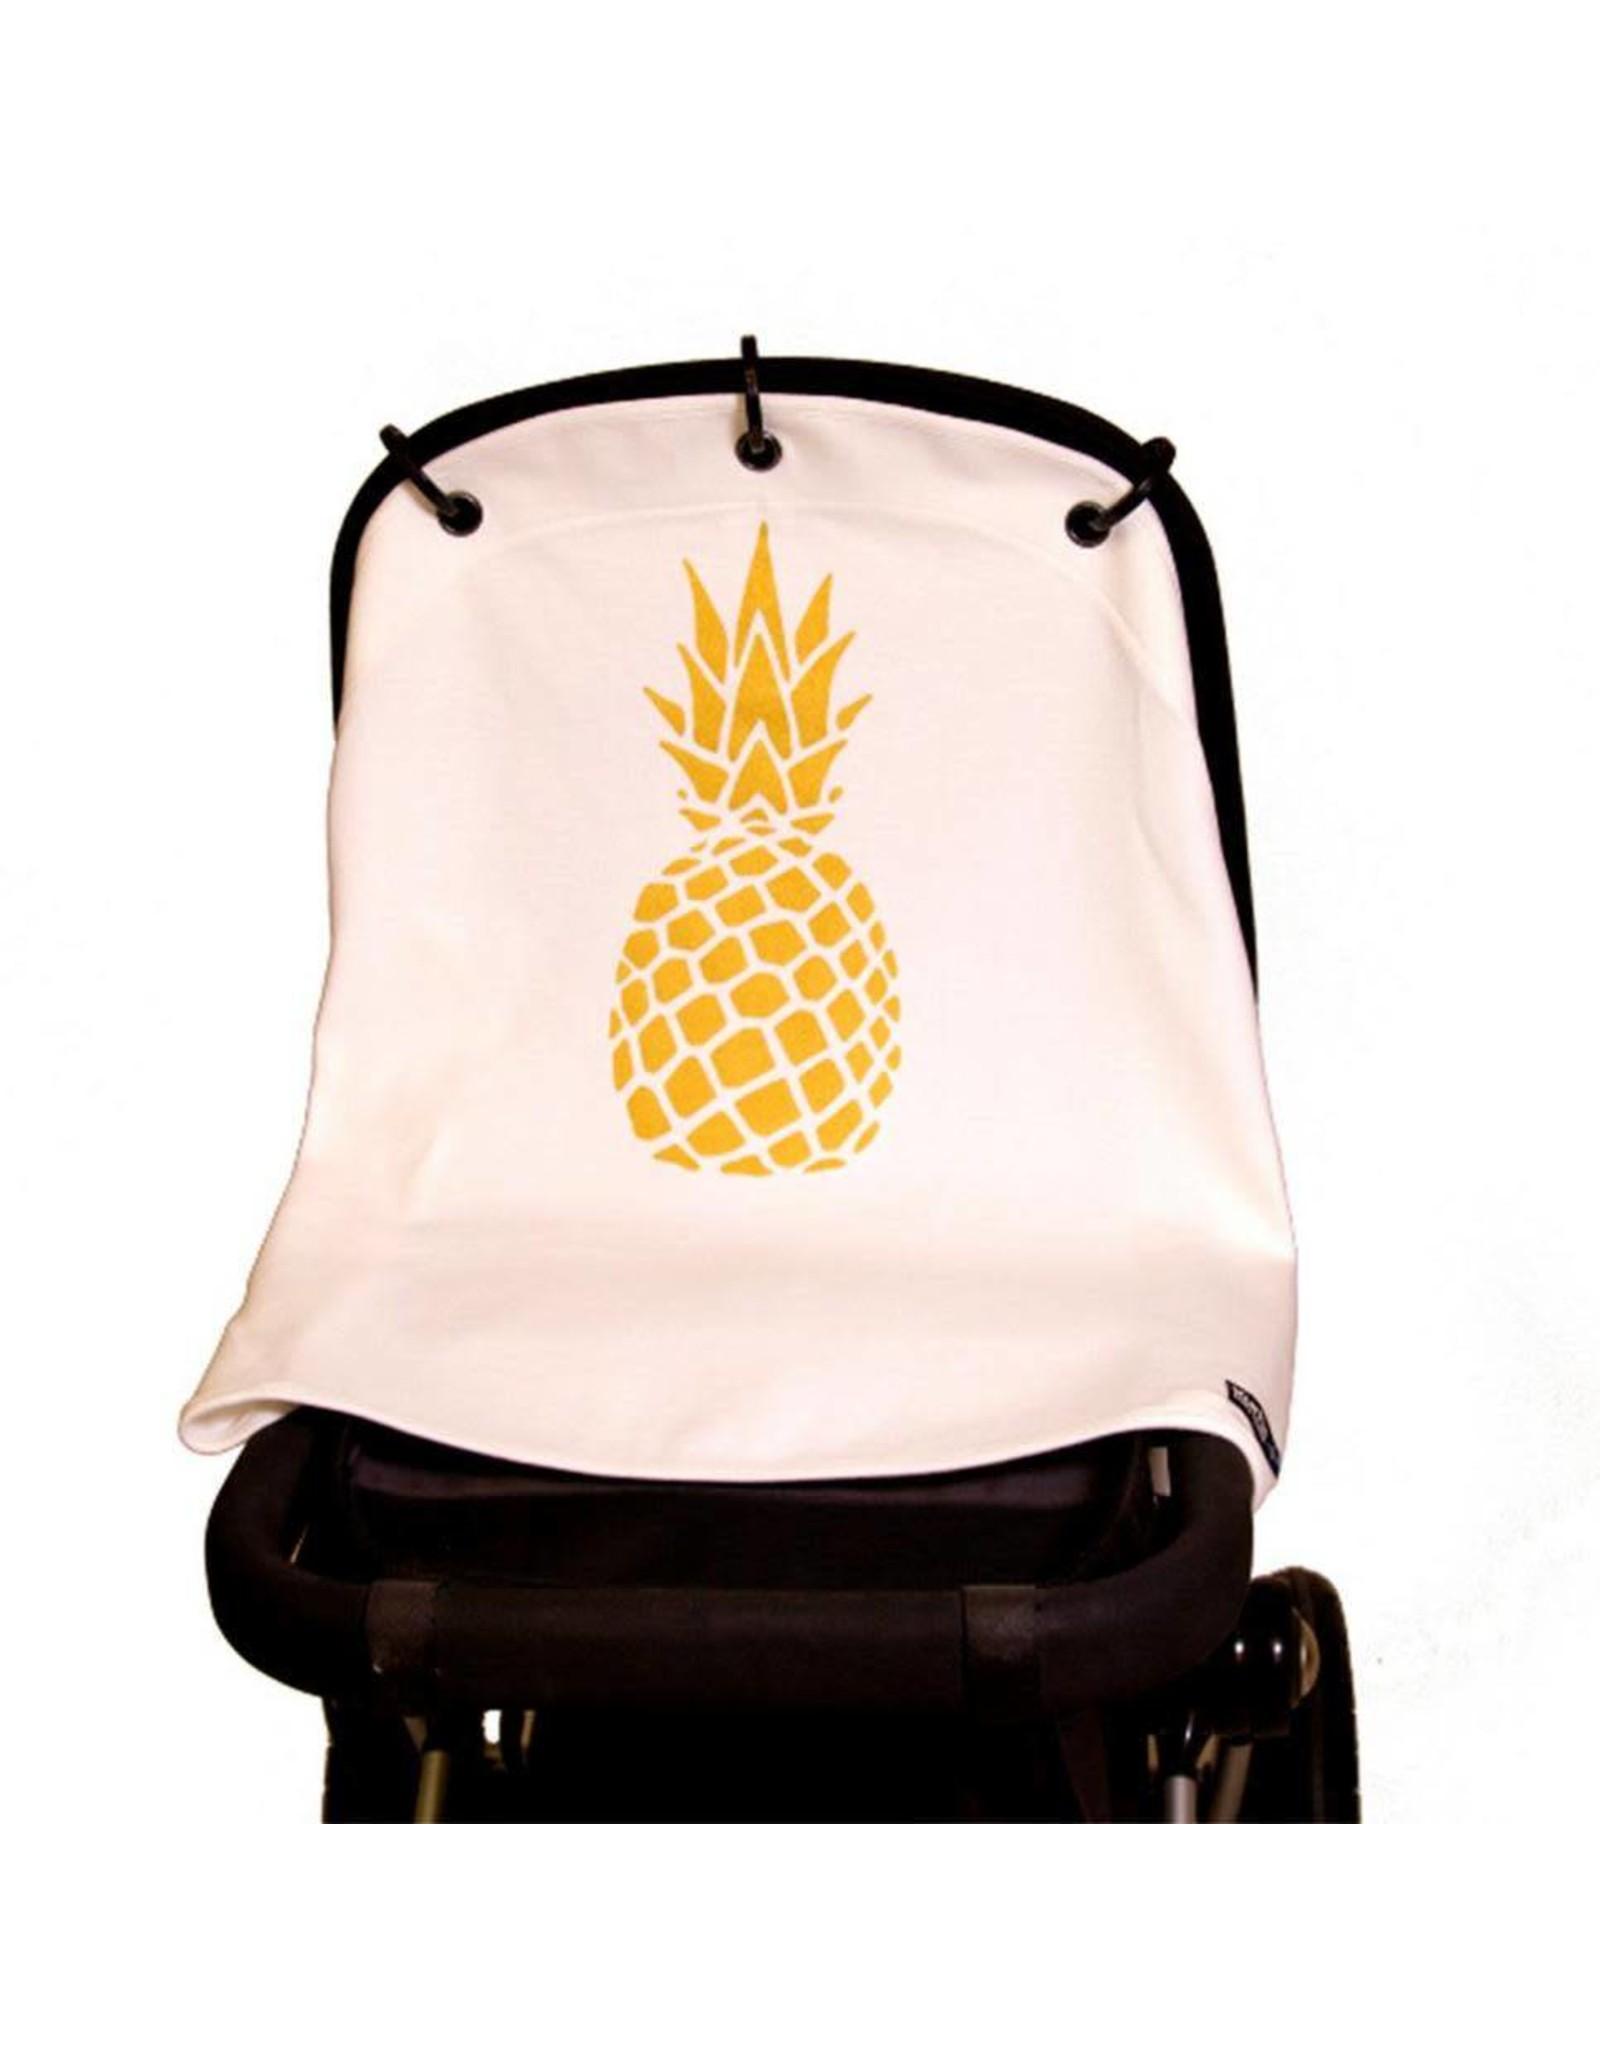 Kurtis Kurtis Pineapple White-Gold